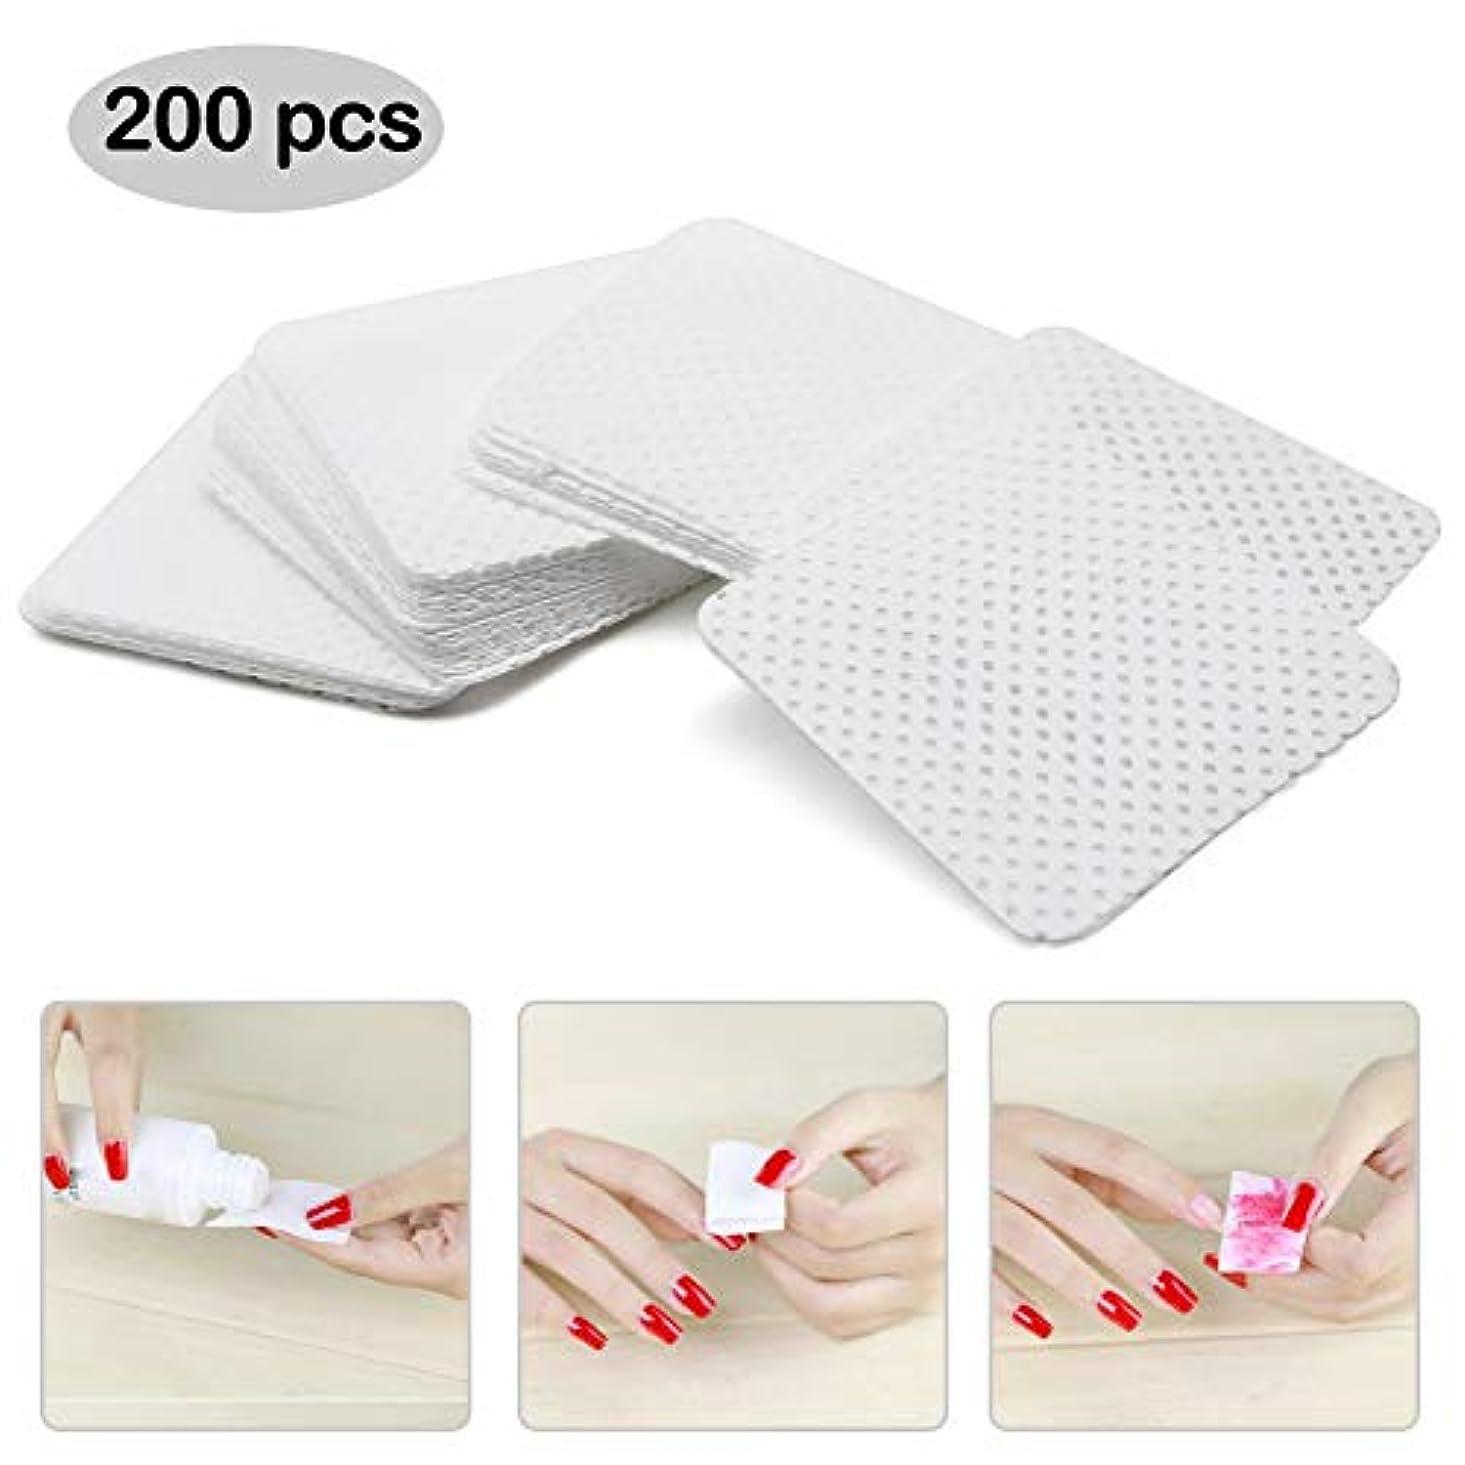 困難だらしない順応性のあるネイルワイプ コットン ネイルオフ不織布 未硬化ジェルの拭き取り 200枚入り